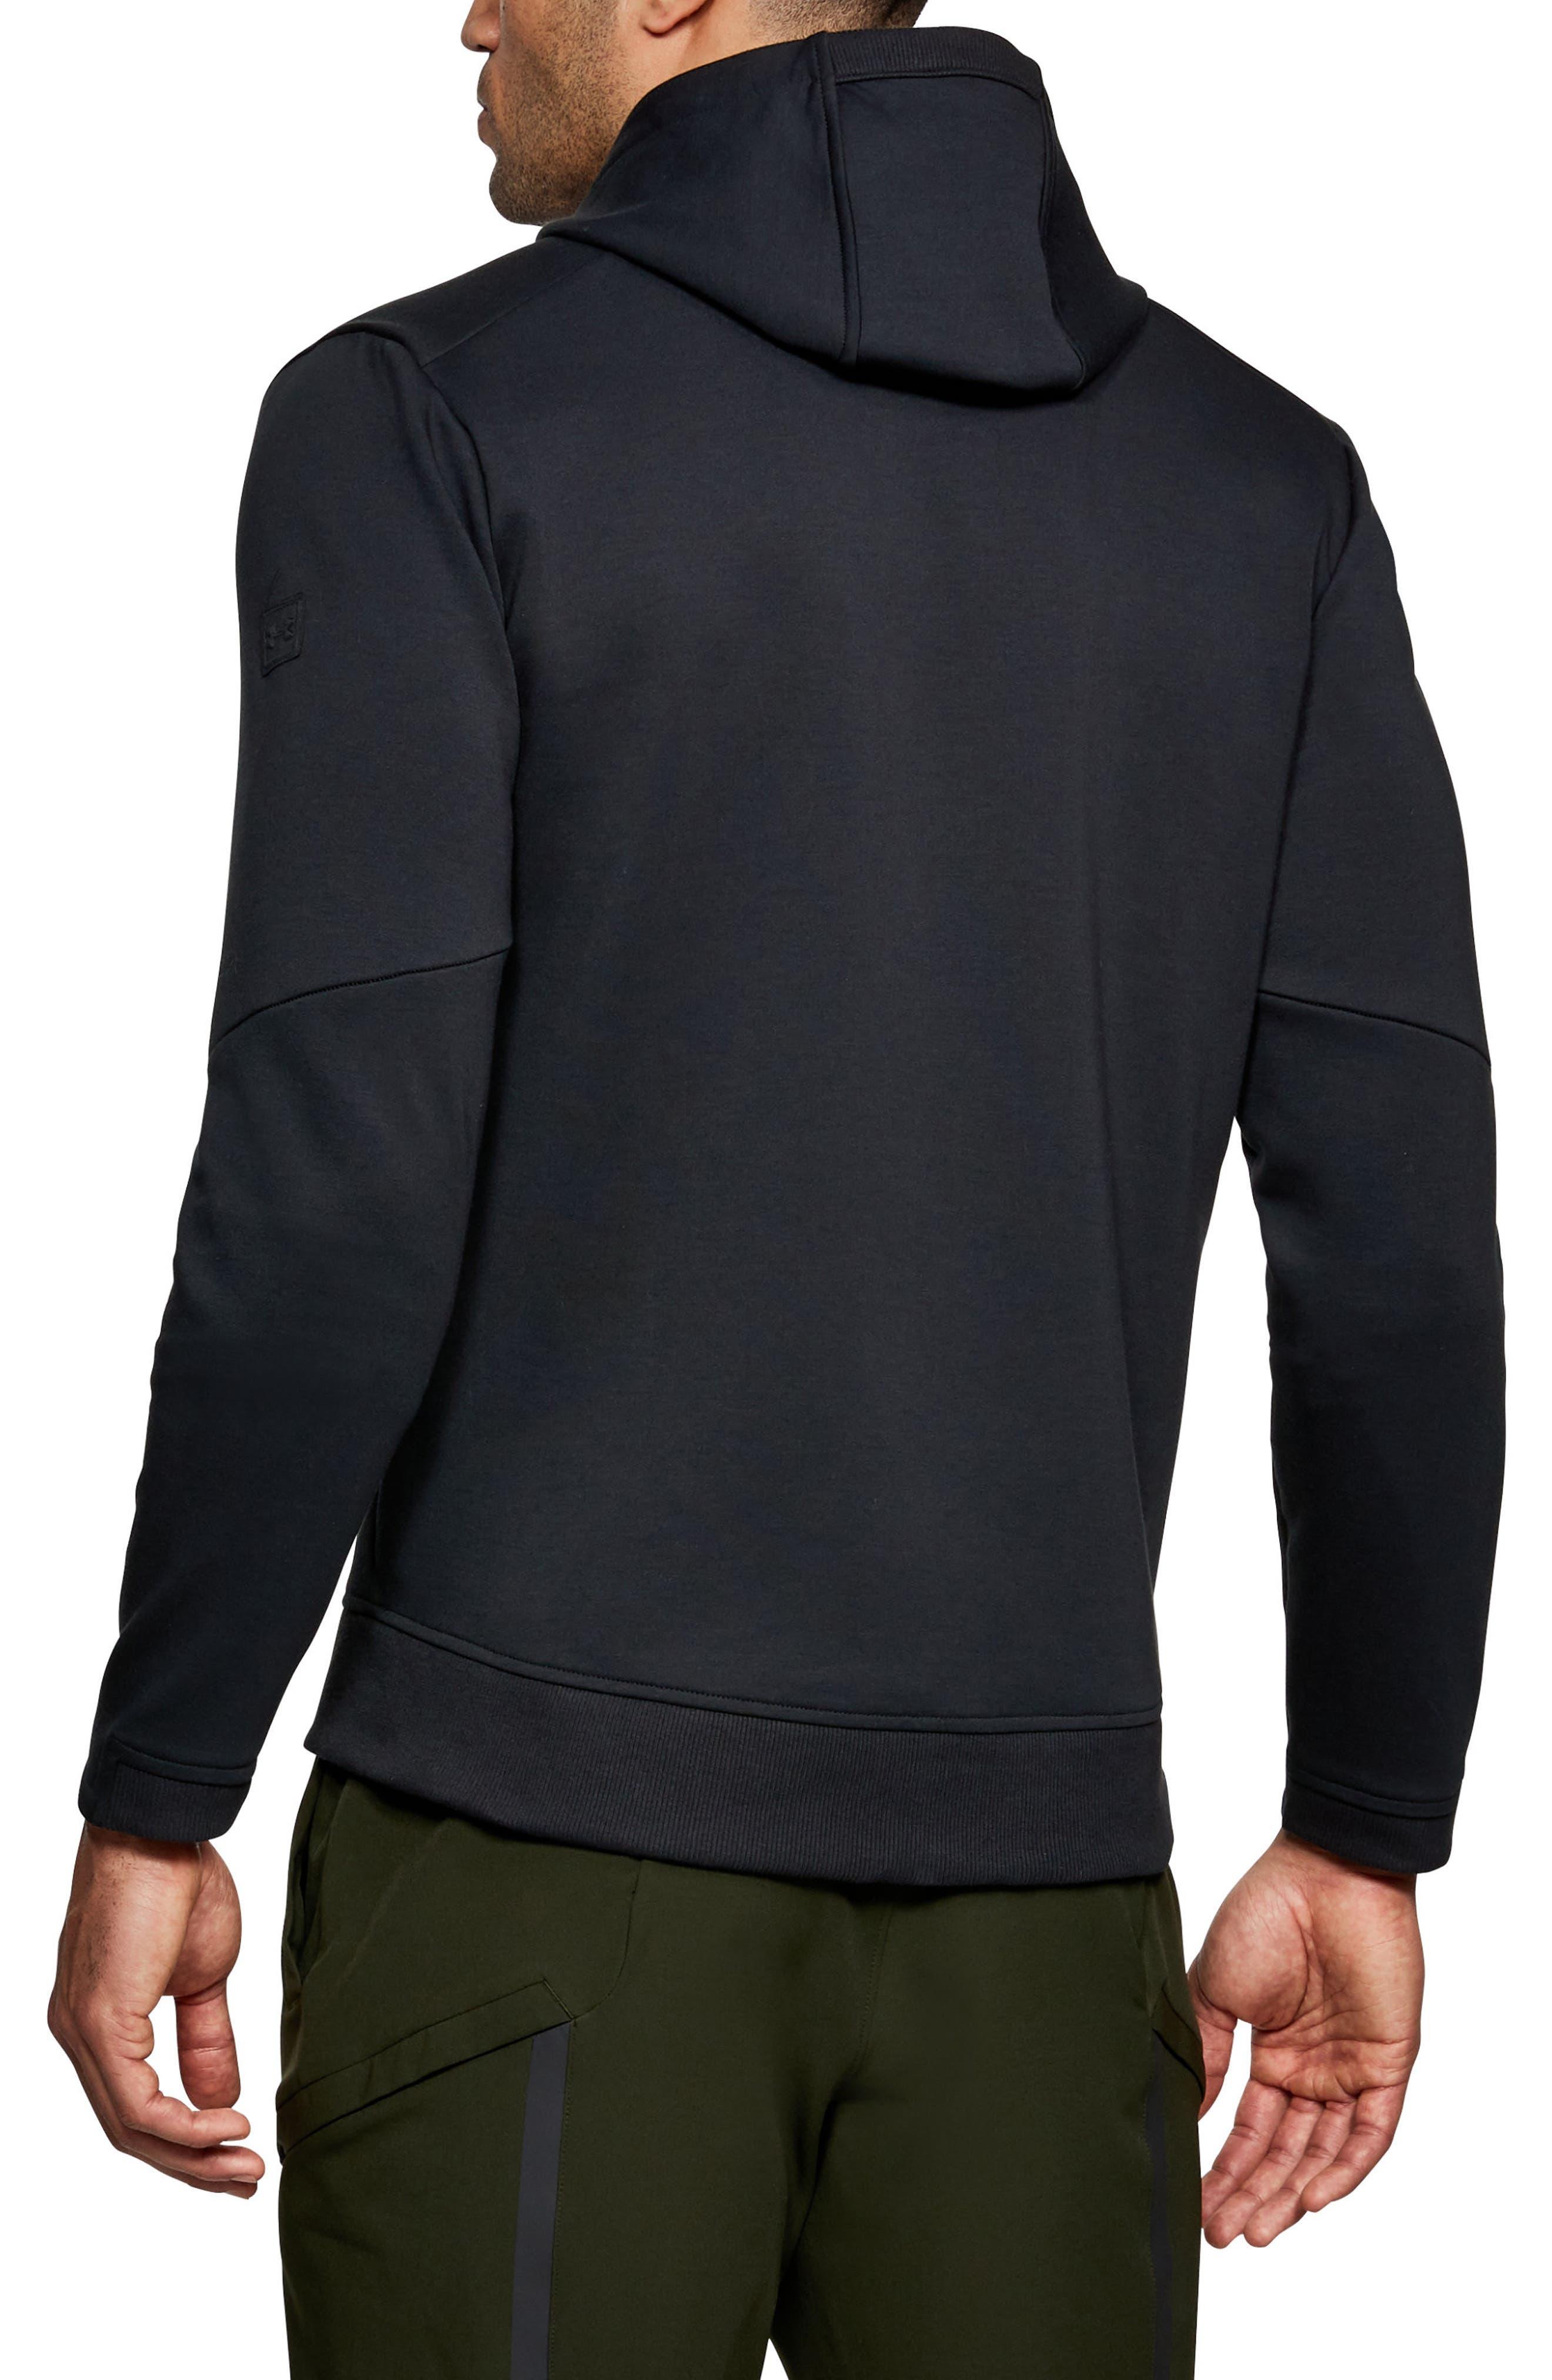 Sportstyle Elite Zip Hoodie,                             Alternate thumbnail 2, color,                             Black/ Black